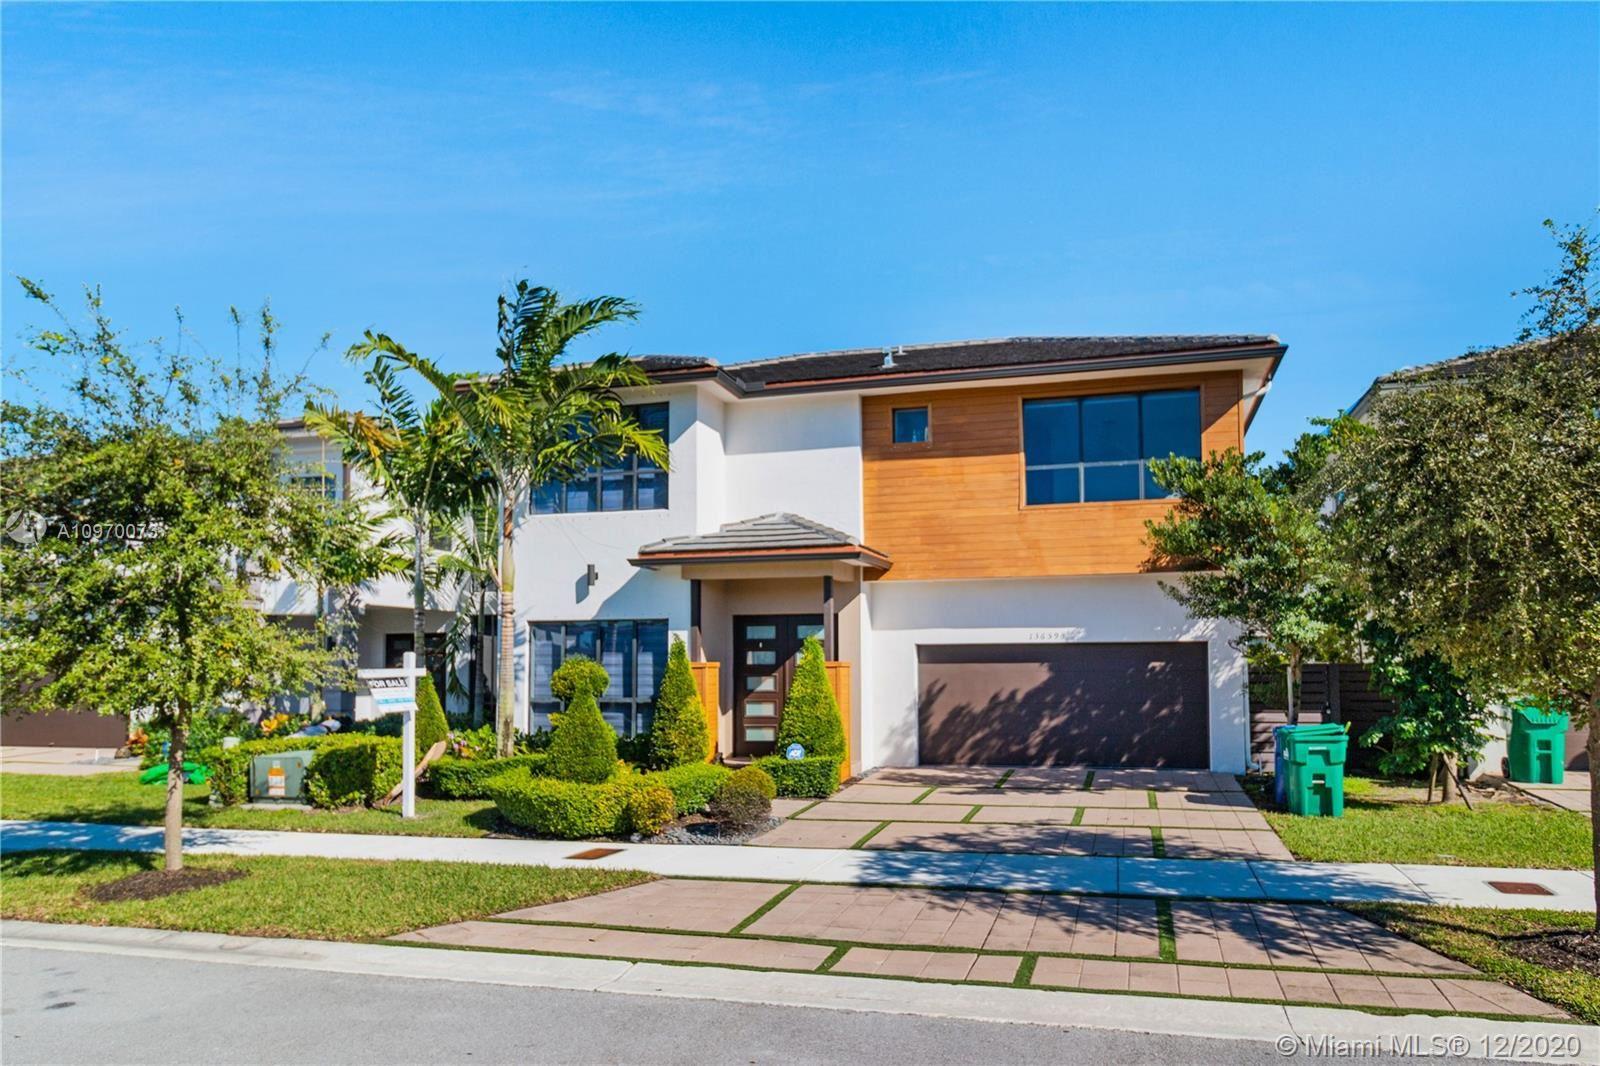 13659 SW 159th Ave, Miami, FL 33196 - #: A10970073